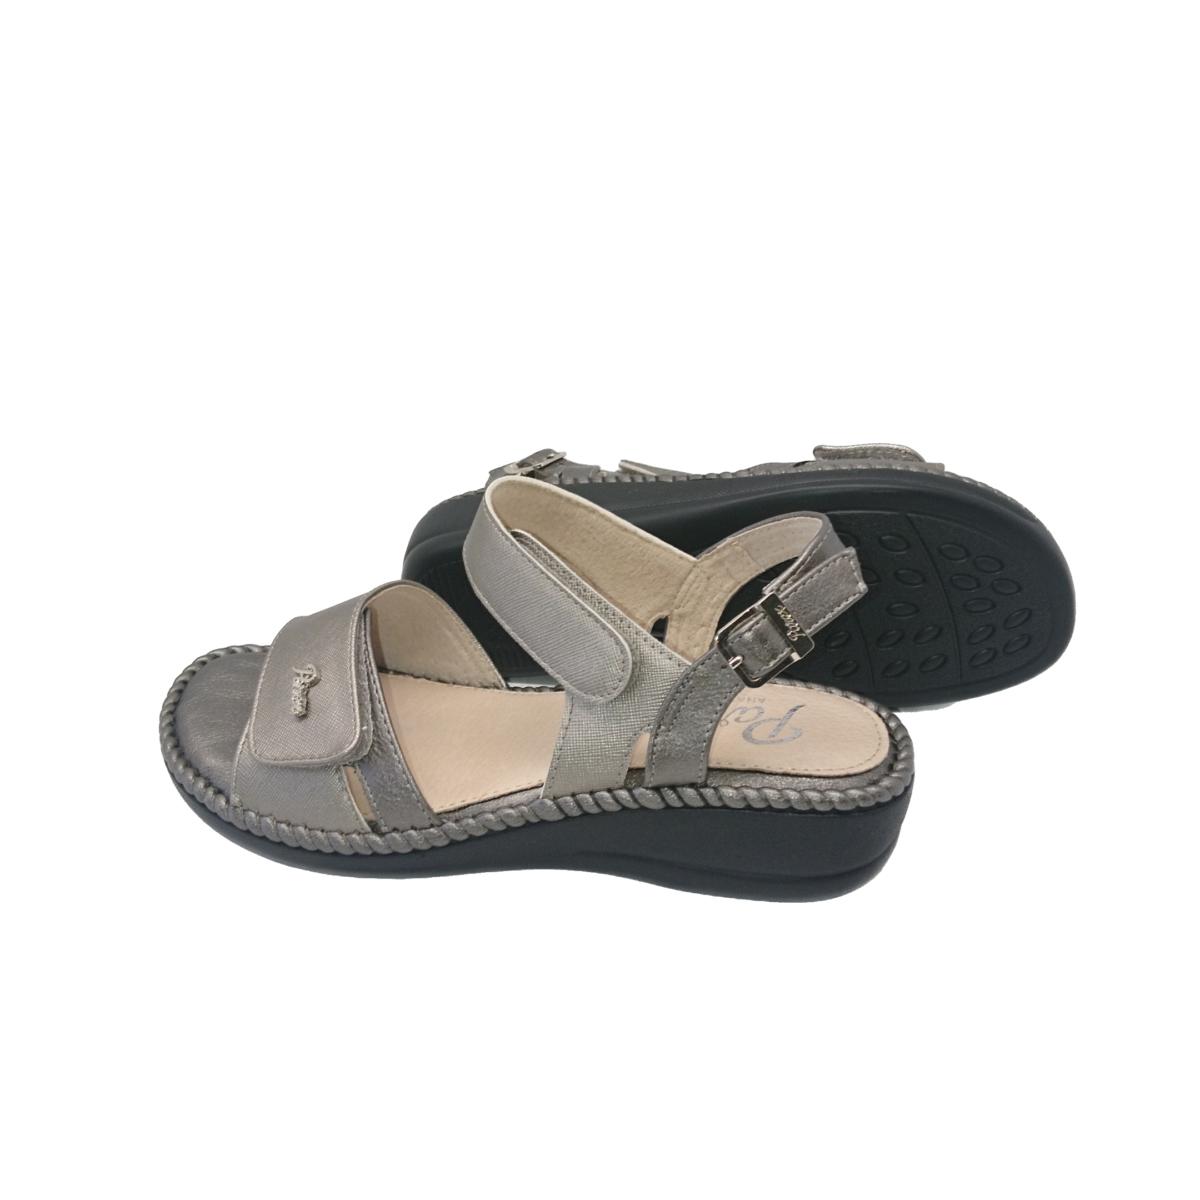 Γυναικεία Comfort Πέδιλα Peep Toe Parex 11617008 Ατσαλί